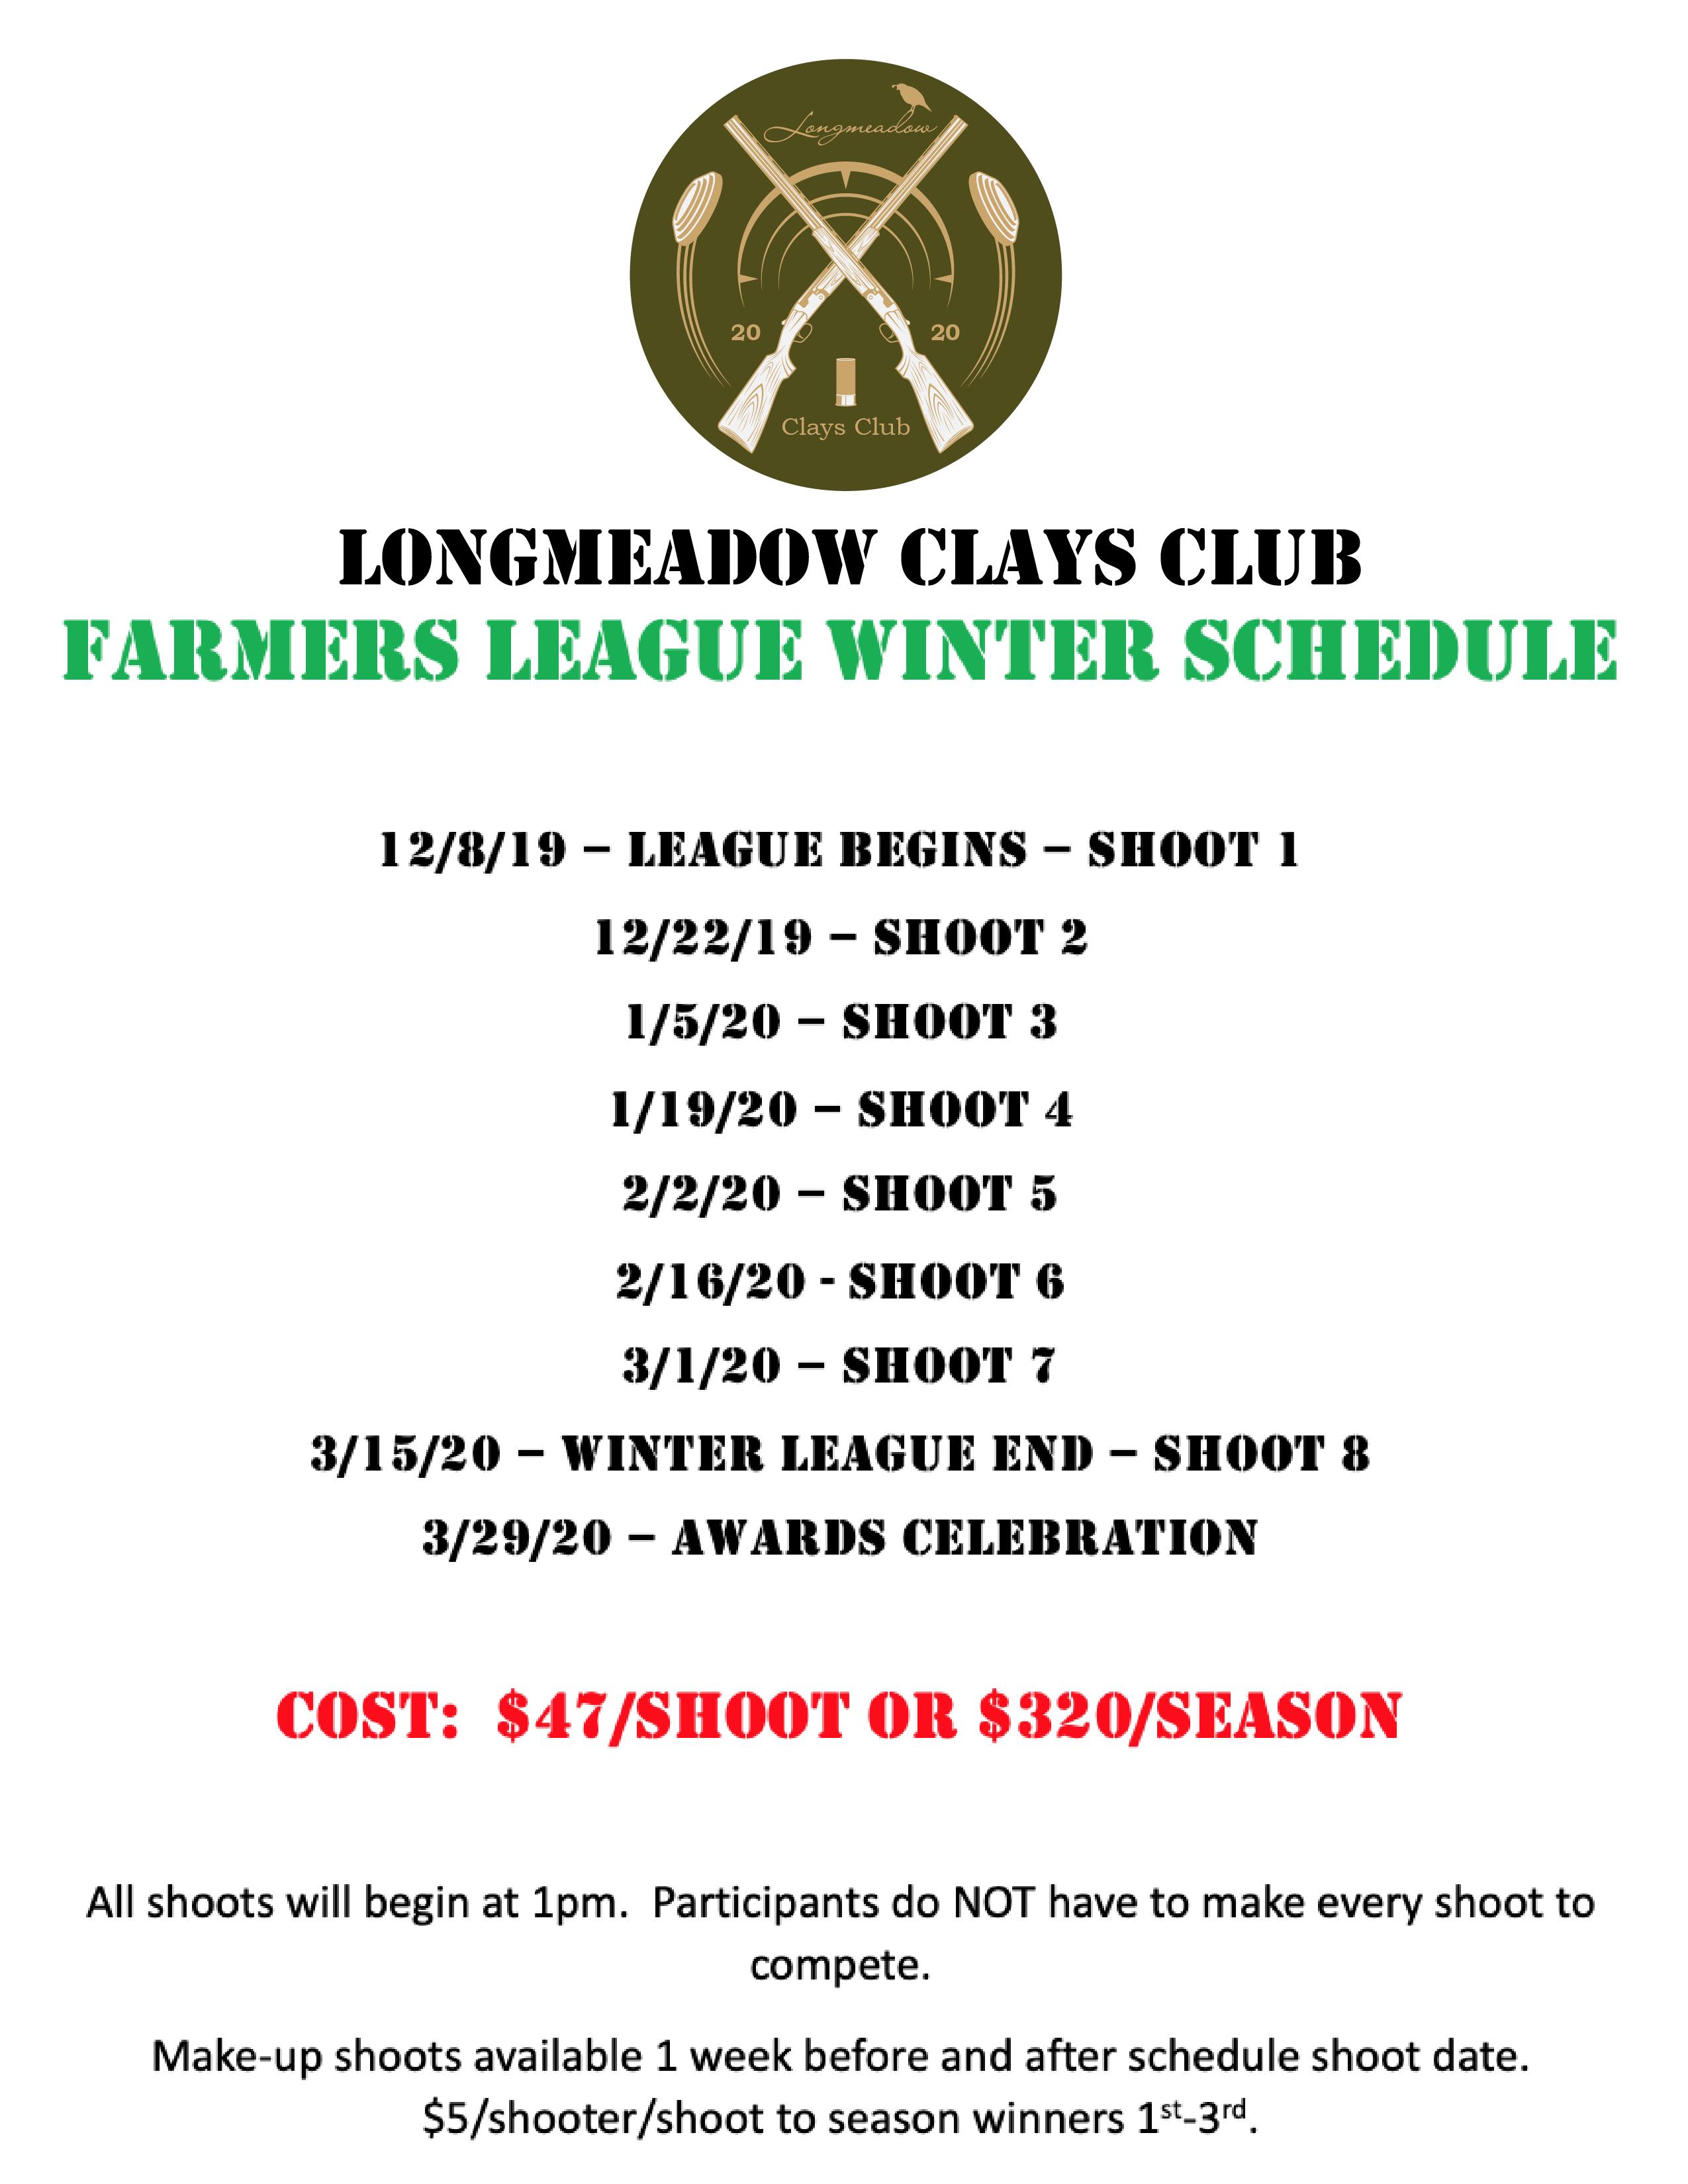 Winter Farmers League Schedule 2019/2020